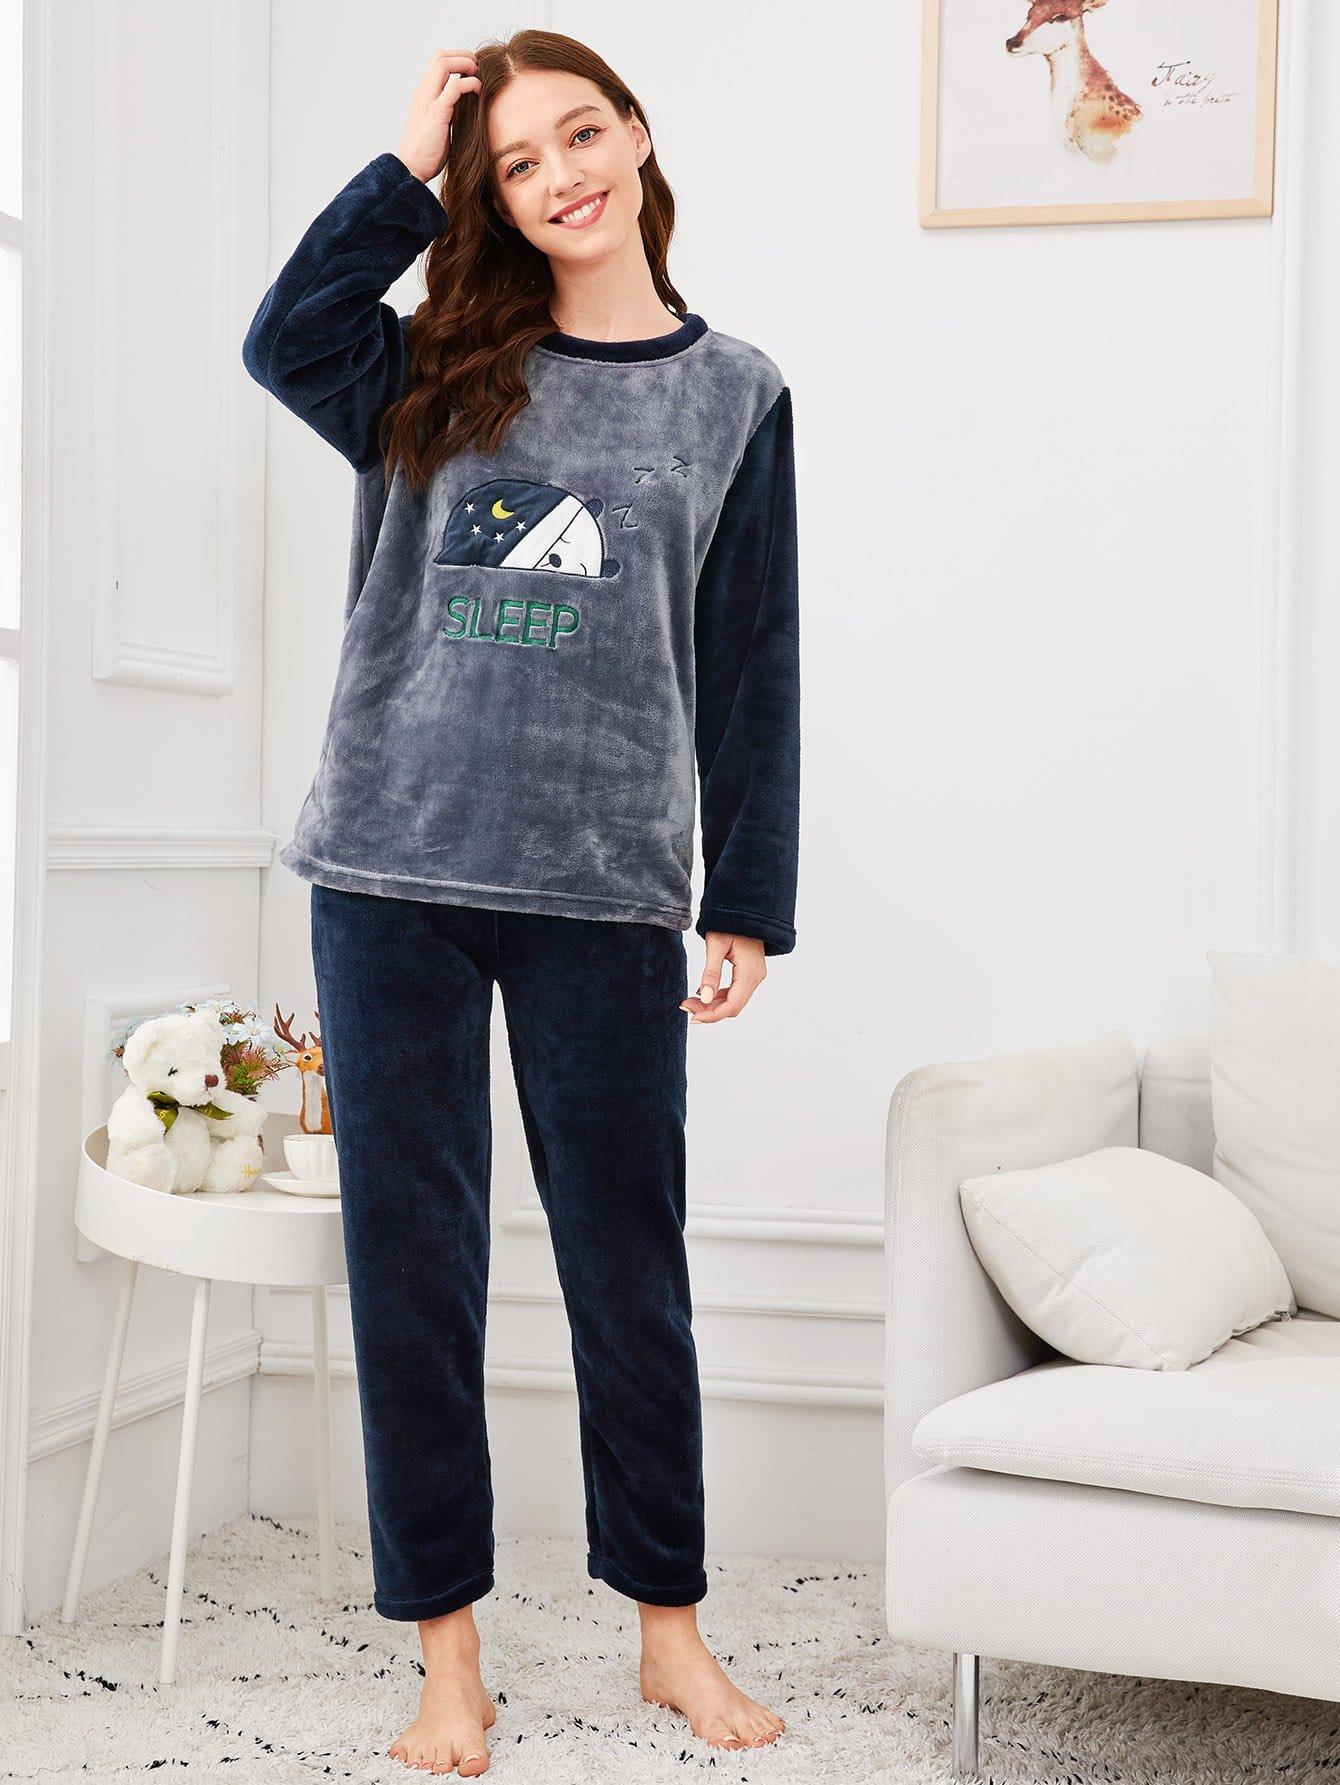 Купить Комплект контрастной пижамы с принтом вышитого медведя, Poly, SheIn